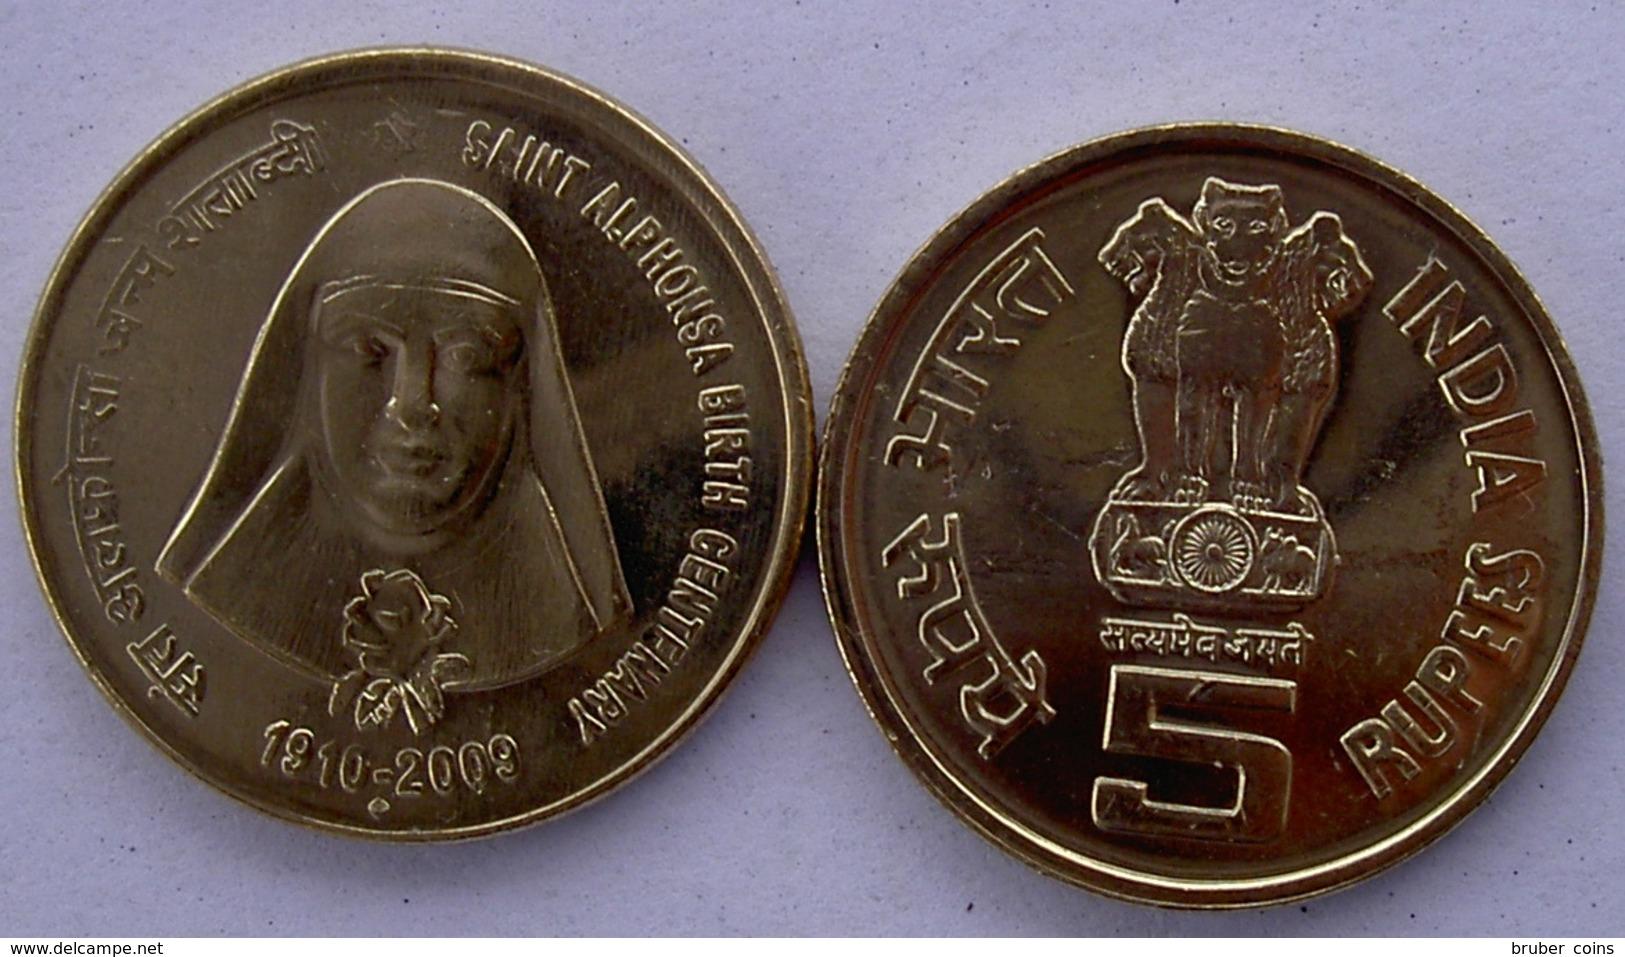 INDIA 5 RUPEES 2009  SANTA ALFONSA NASCITA CENTENARIO UNC - India